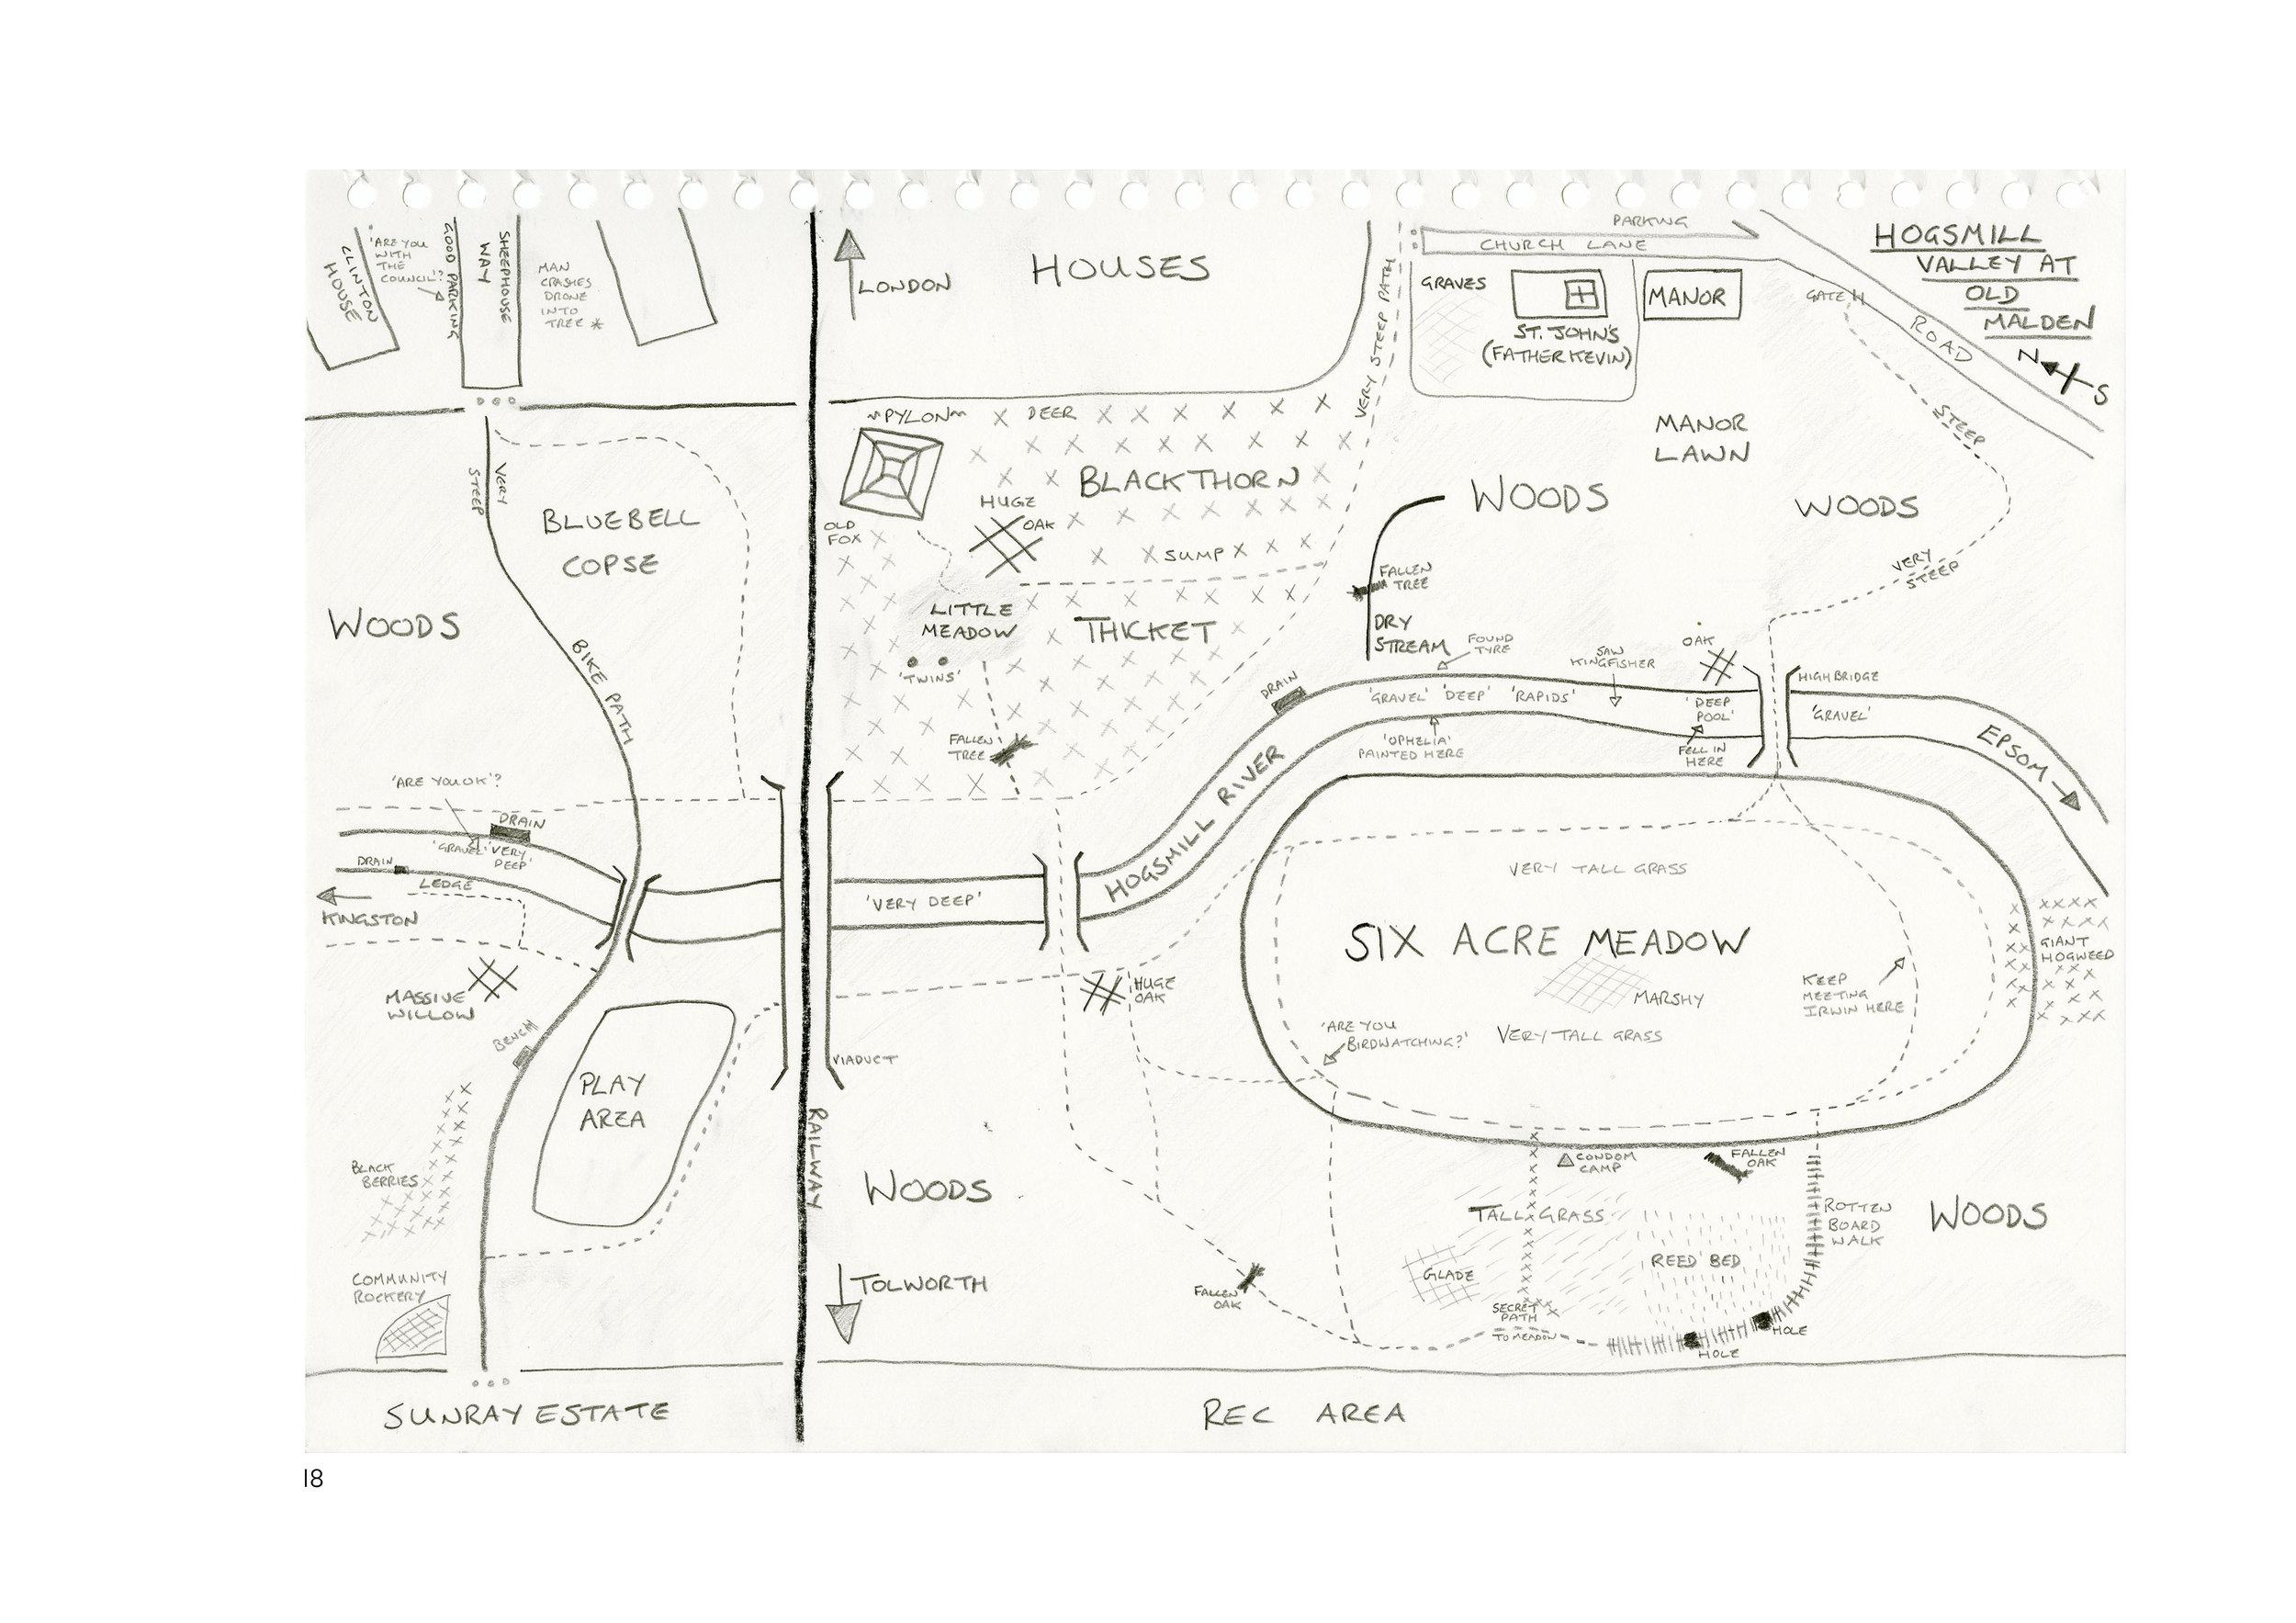 Map 18